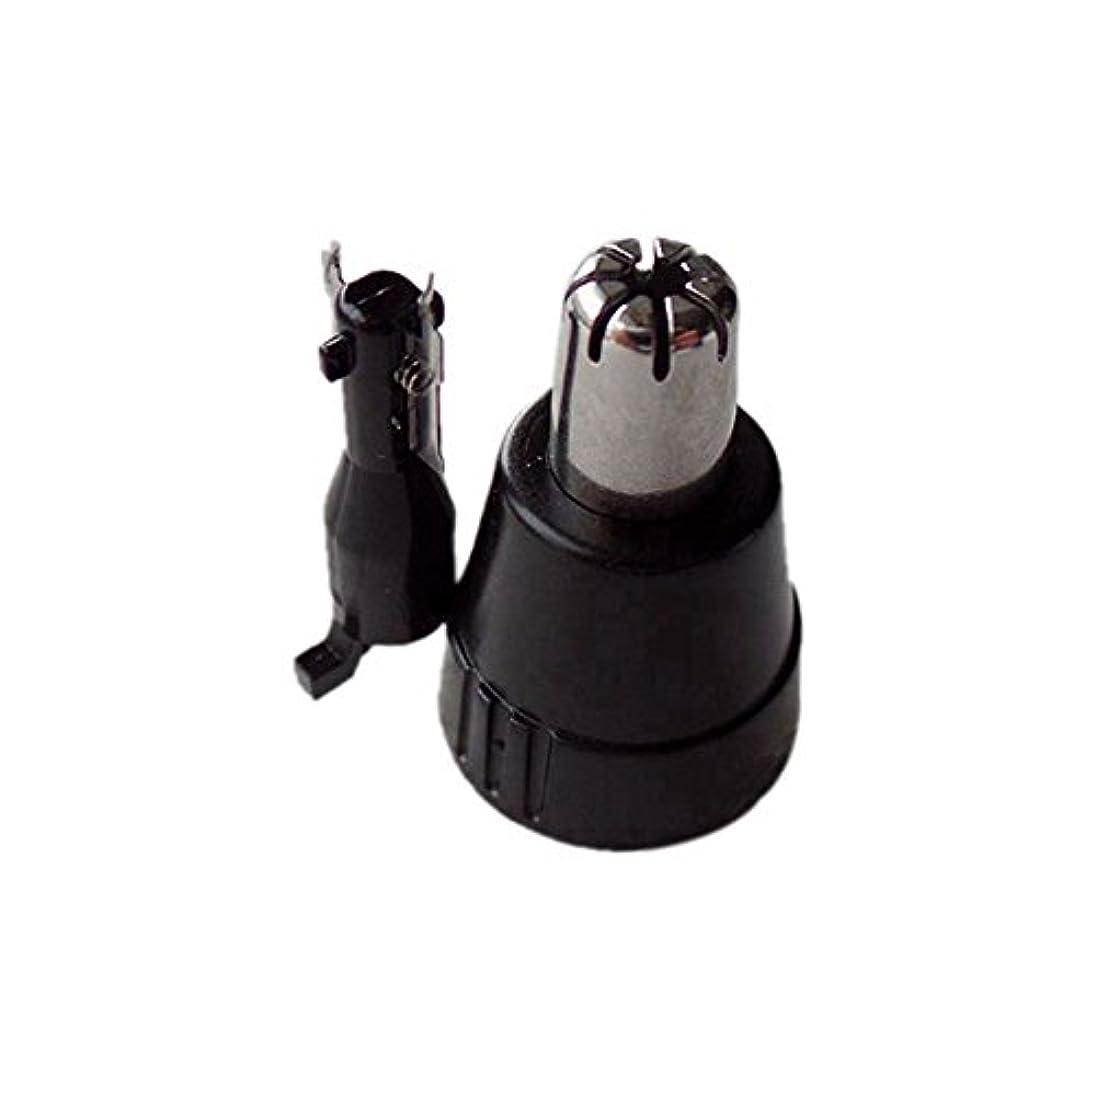 しっかりフラフープ爪Xinvision 鼻毛カッター 交代パーツ 交代品 内刃 外刃 替刃 耐用 for Panasonic 鼻毛カッター ER-GN30/-GN10